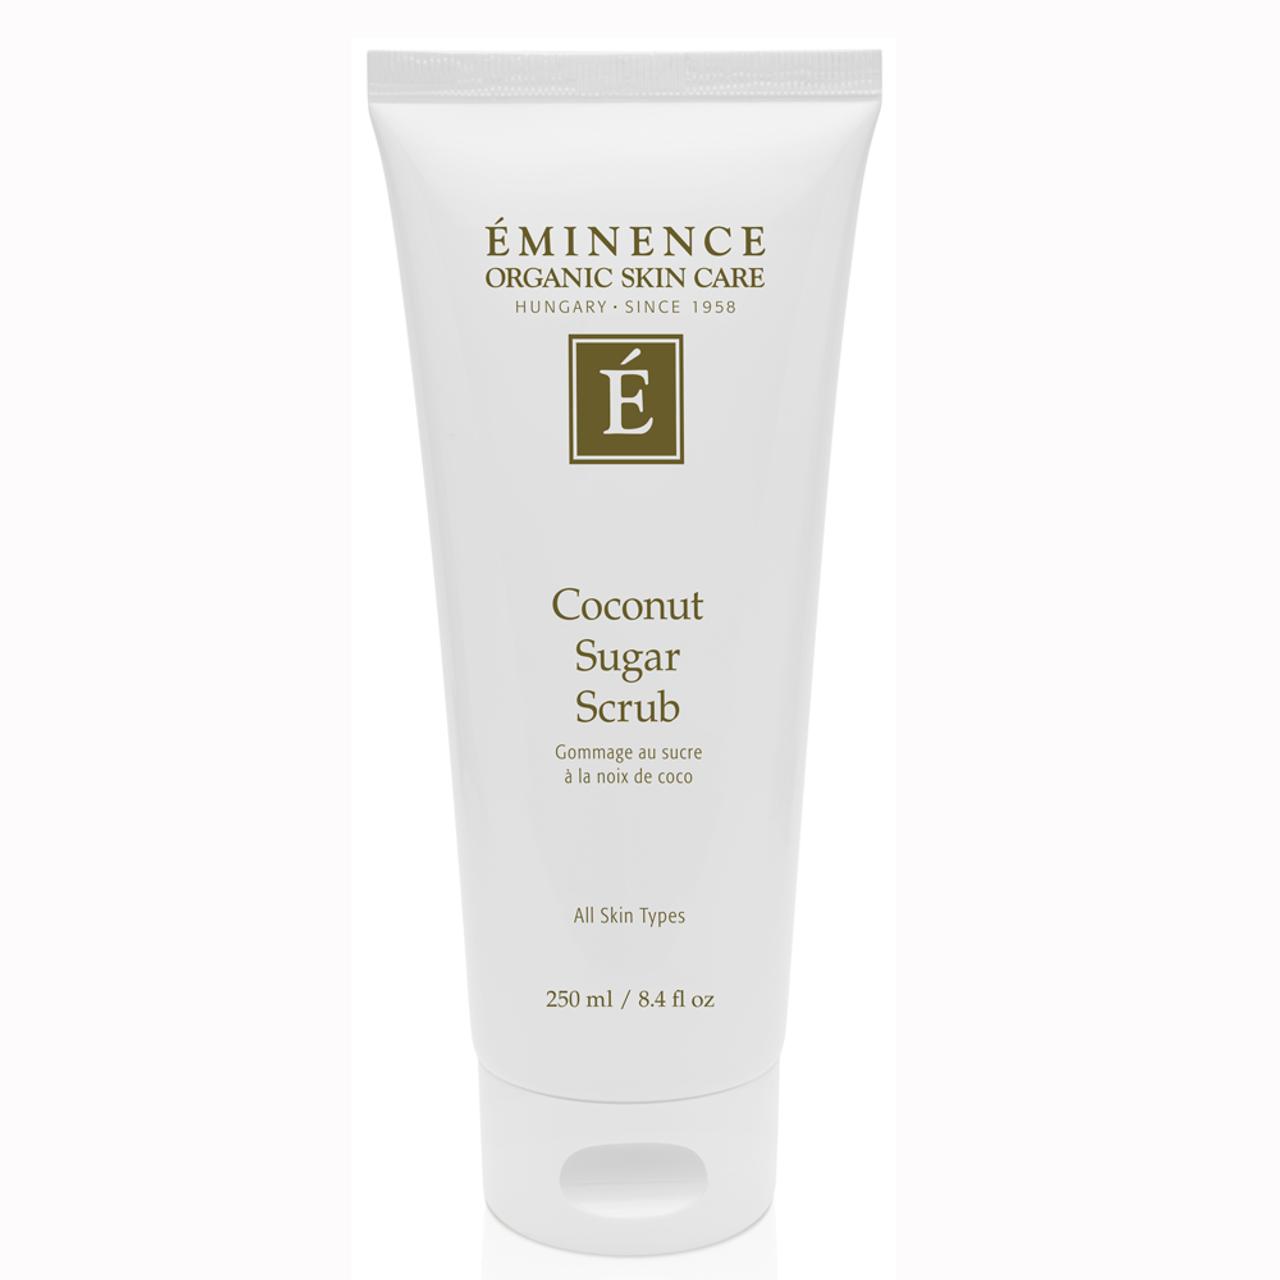 Eminence Coconut Sugar Scrub